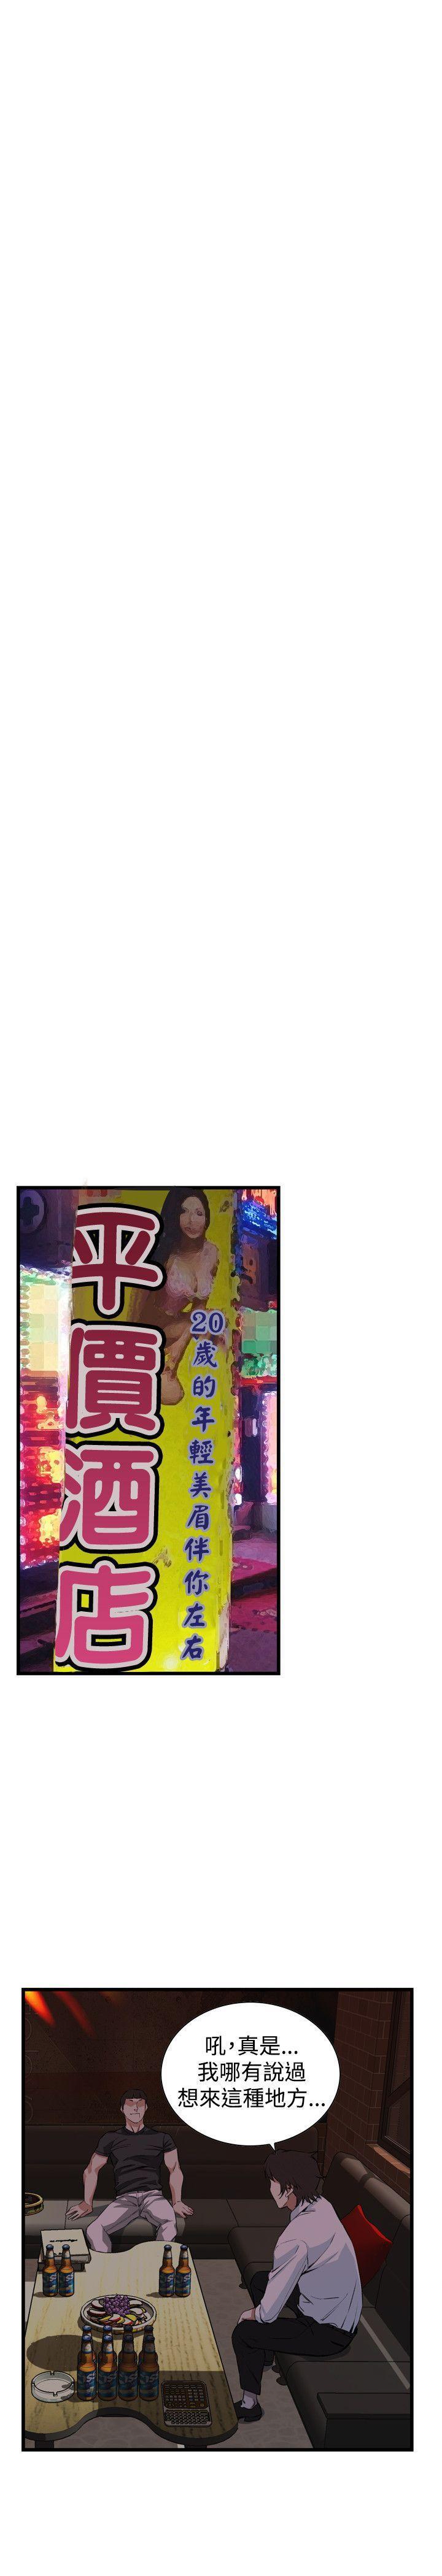 偷窥72-93 Chinese Rsiky 23